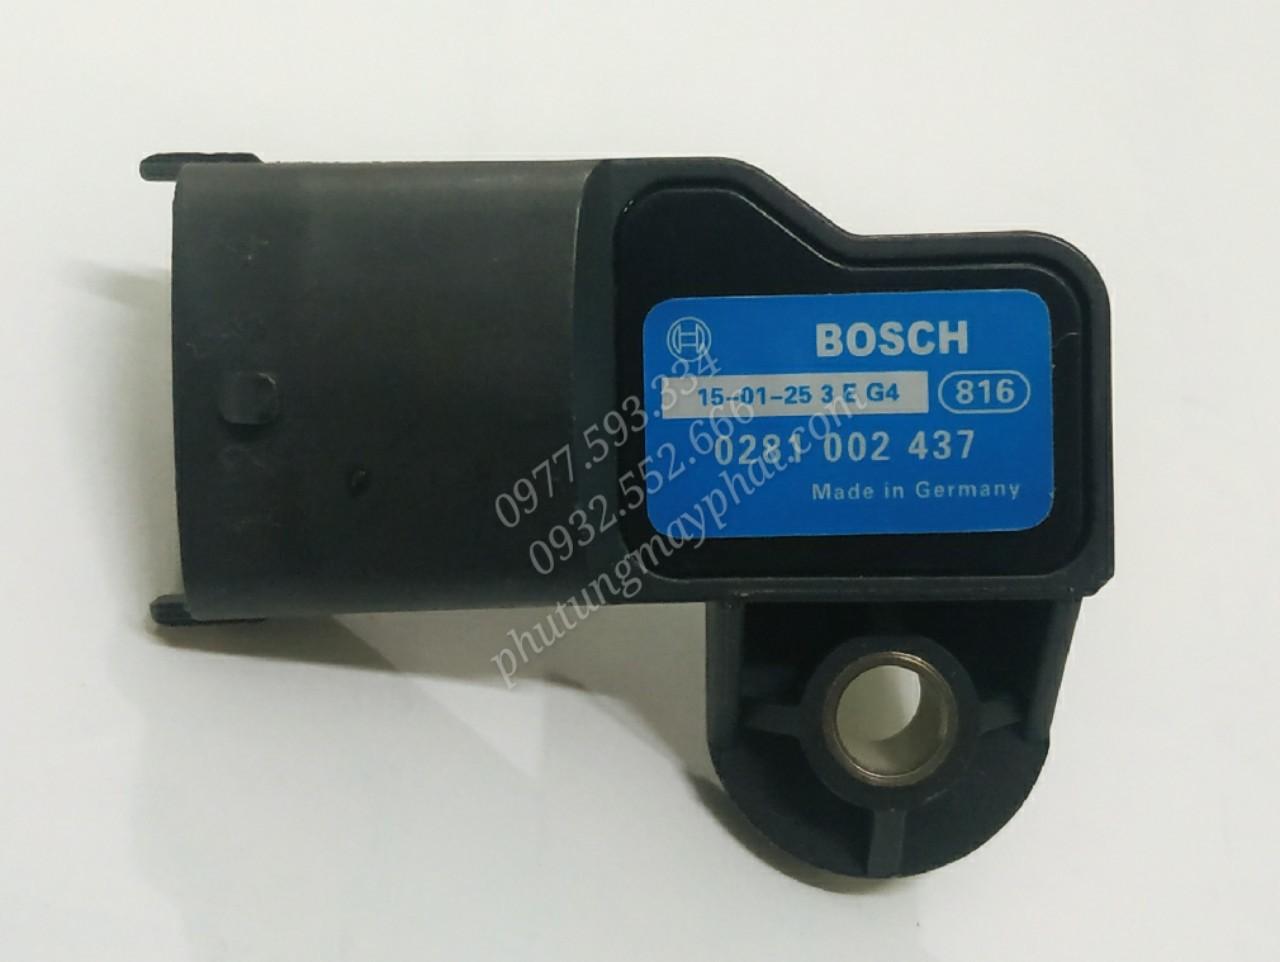 Cảm biến gió Bosch 0281 002 437